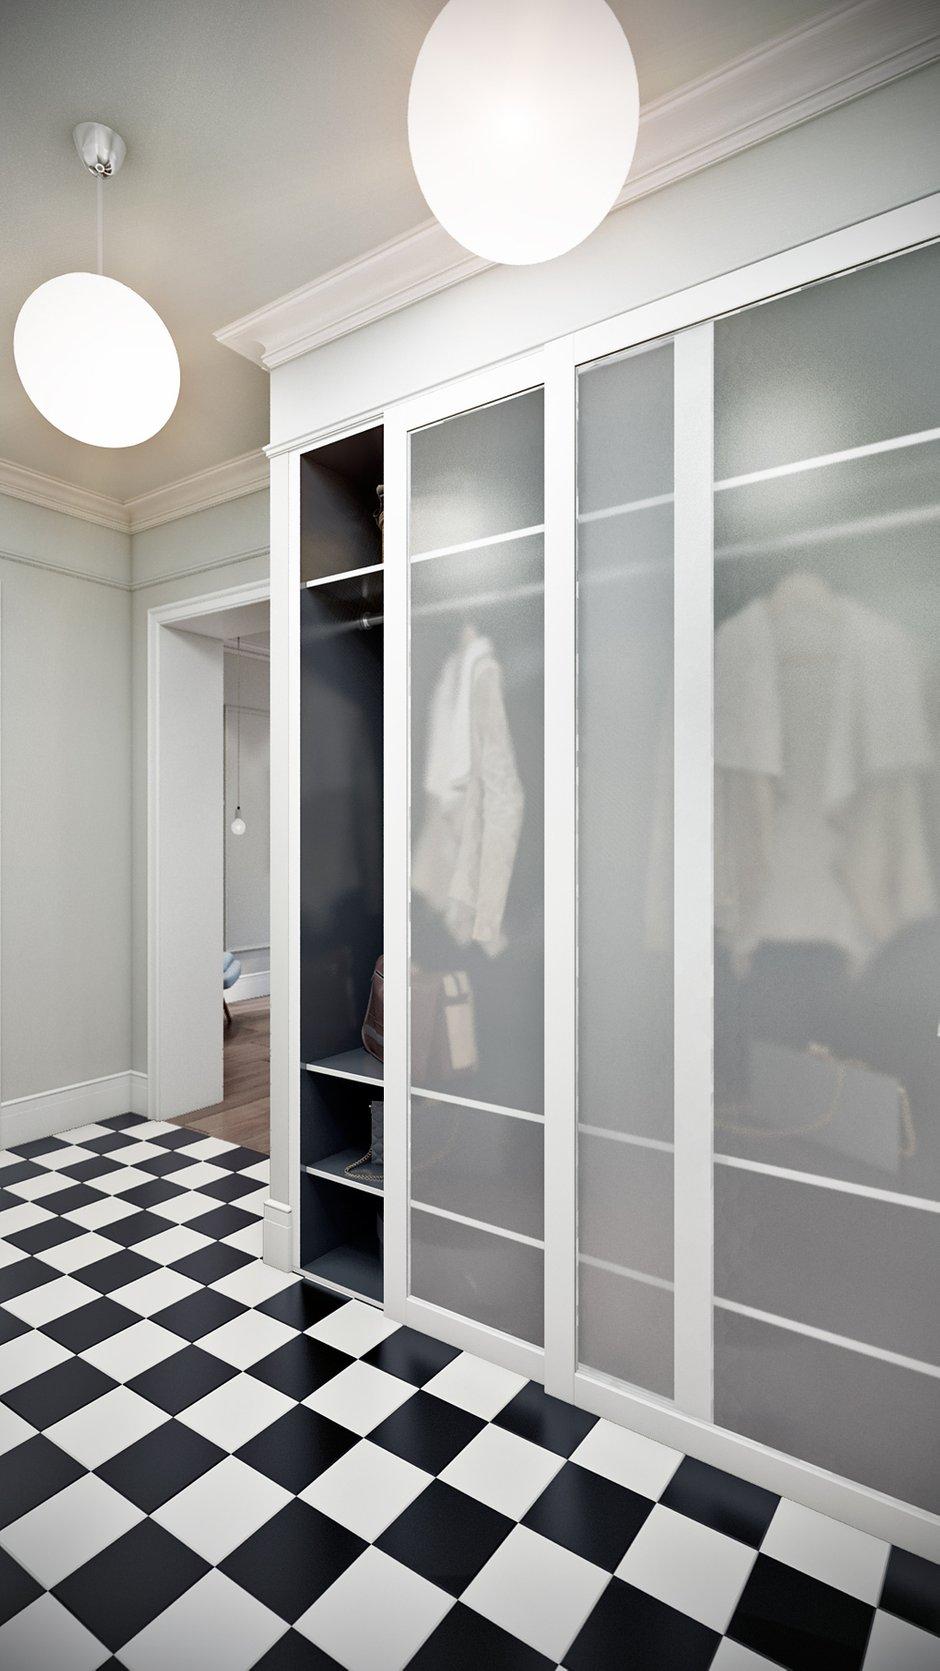 Фотография:  в стиле , Квартира, Проект недели, Москва, Co:Interior, Монолитный дом, 2 комнаты, 60-90 метров, ЖК «Мосфильмовский» – фото на INMYROOM